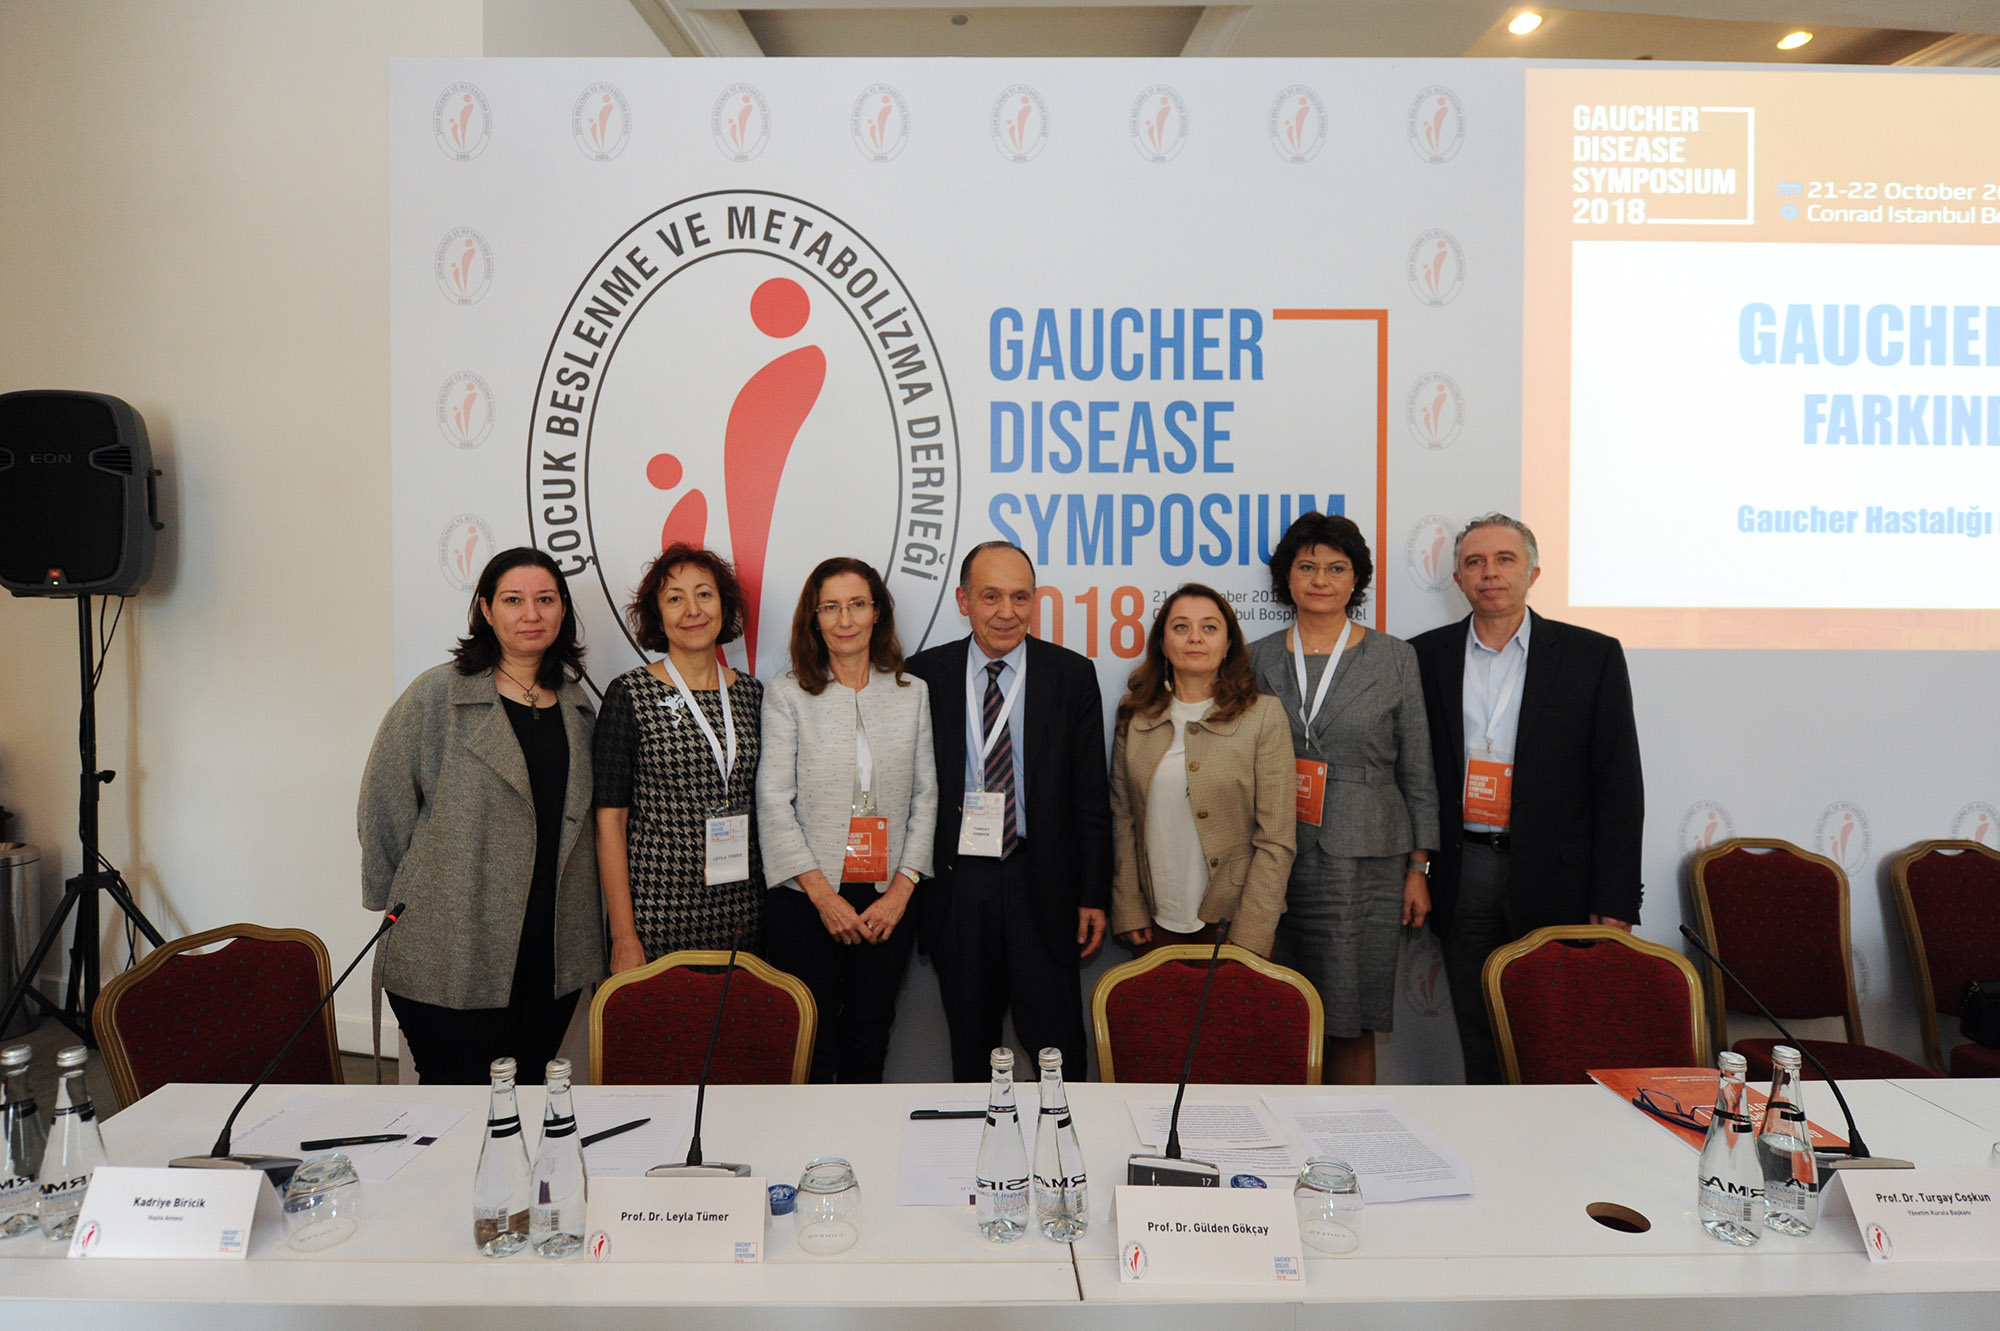 Gaucher hastalığı masaya yatırıldı